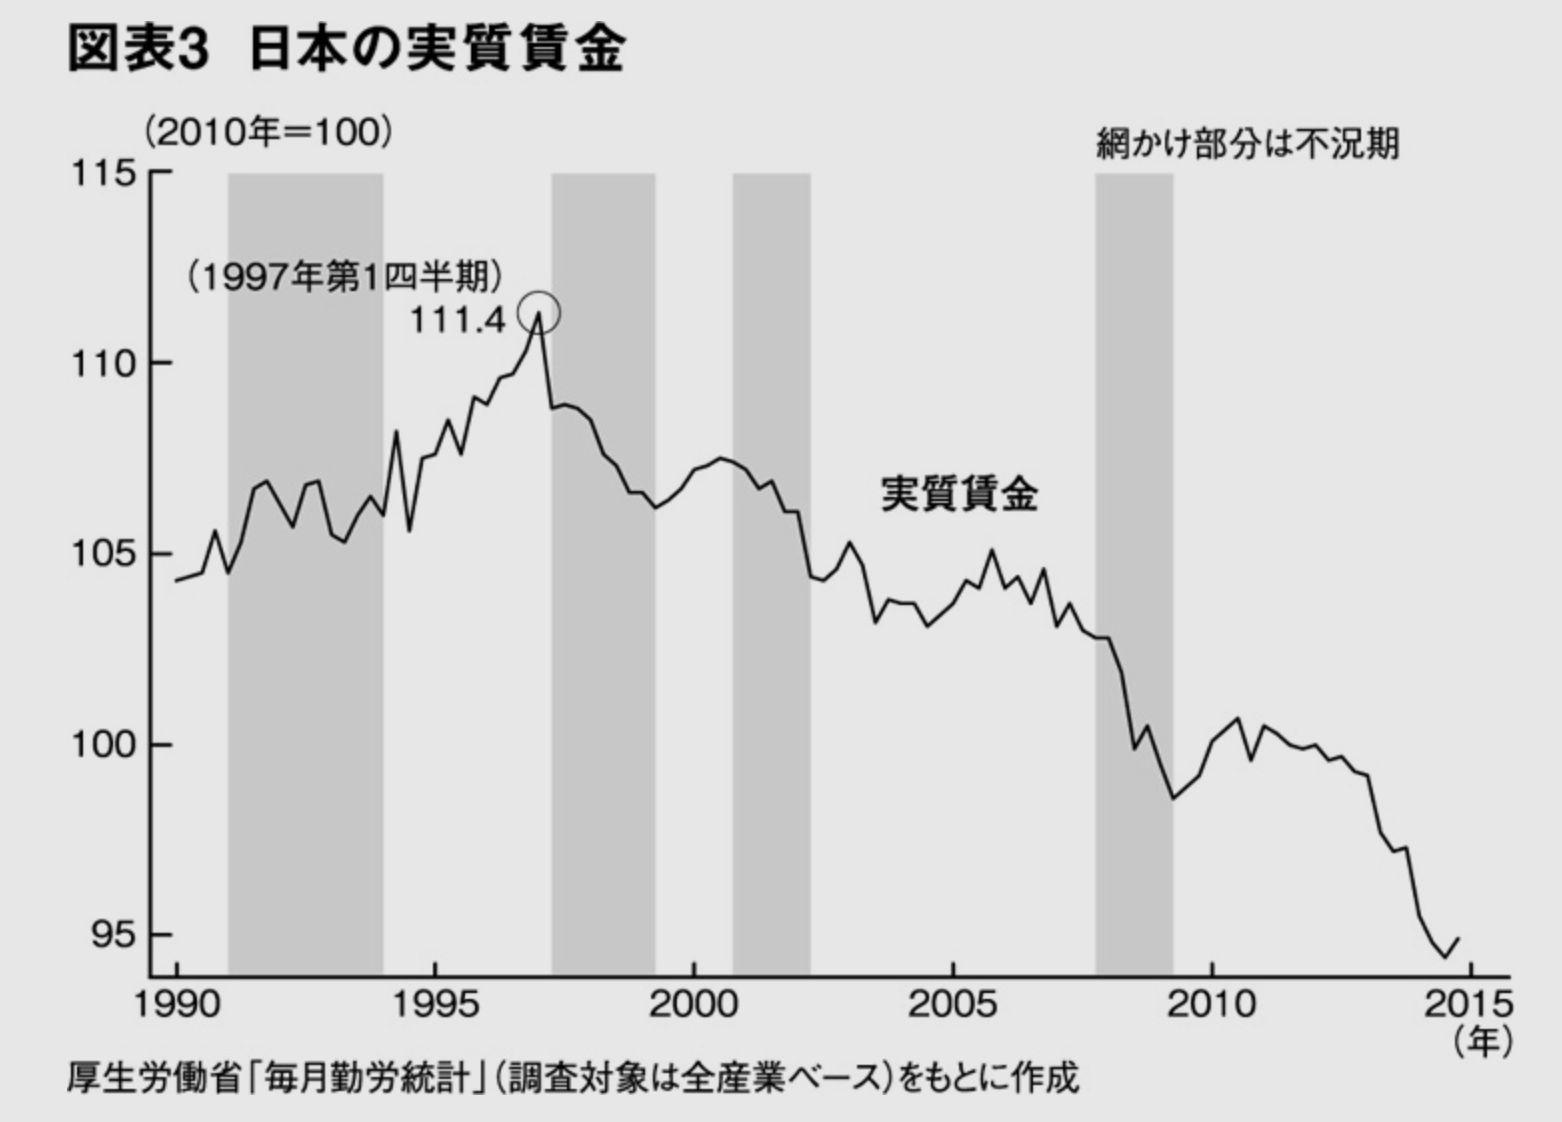 寒波の中、日本経済の冷え込みに思いをはせる(笑)_c0025115_20232267.jpg